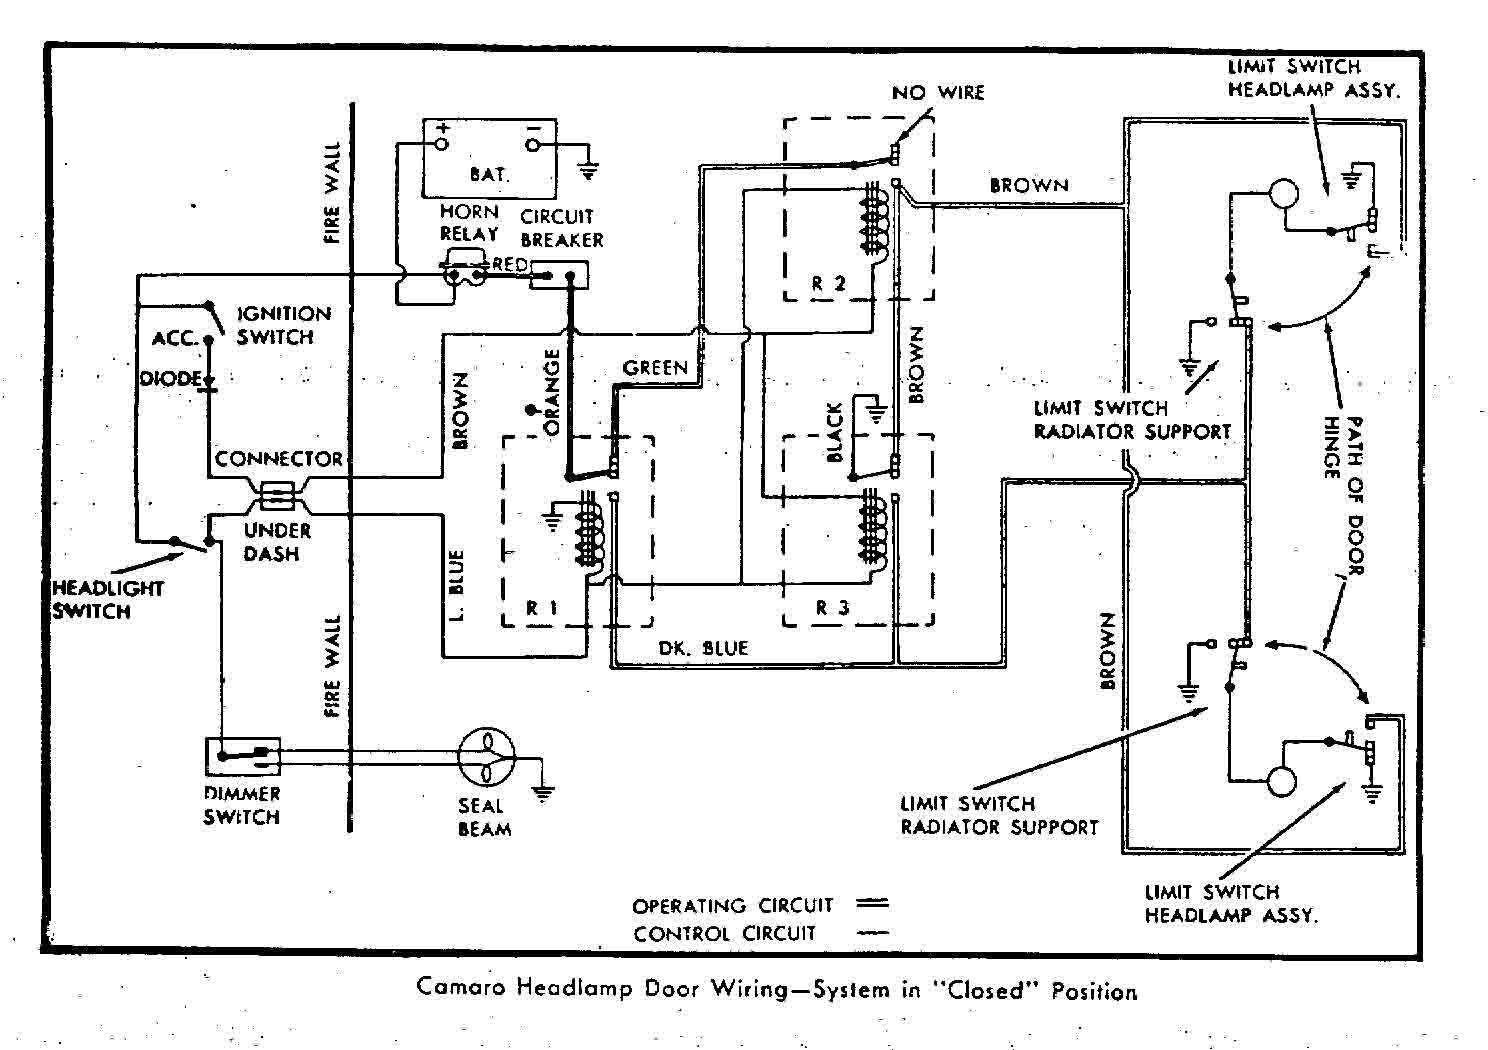 67 Camaro Wiring Harness Schematic